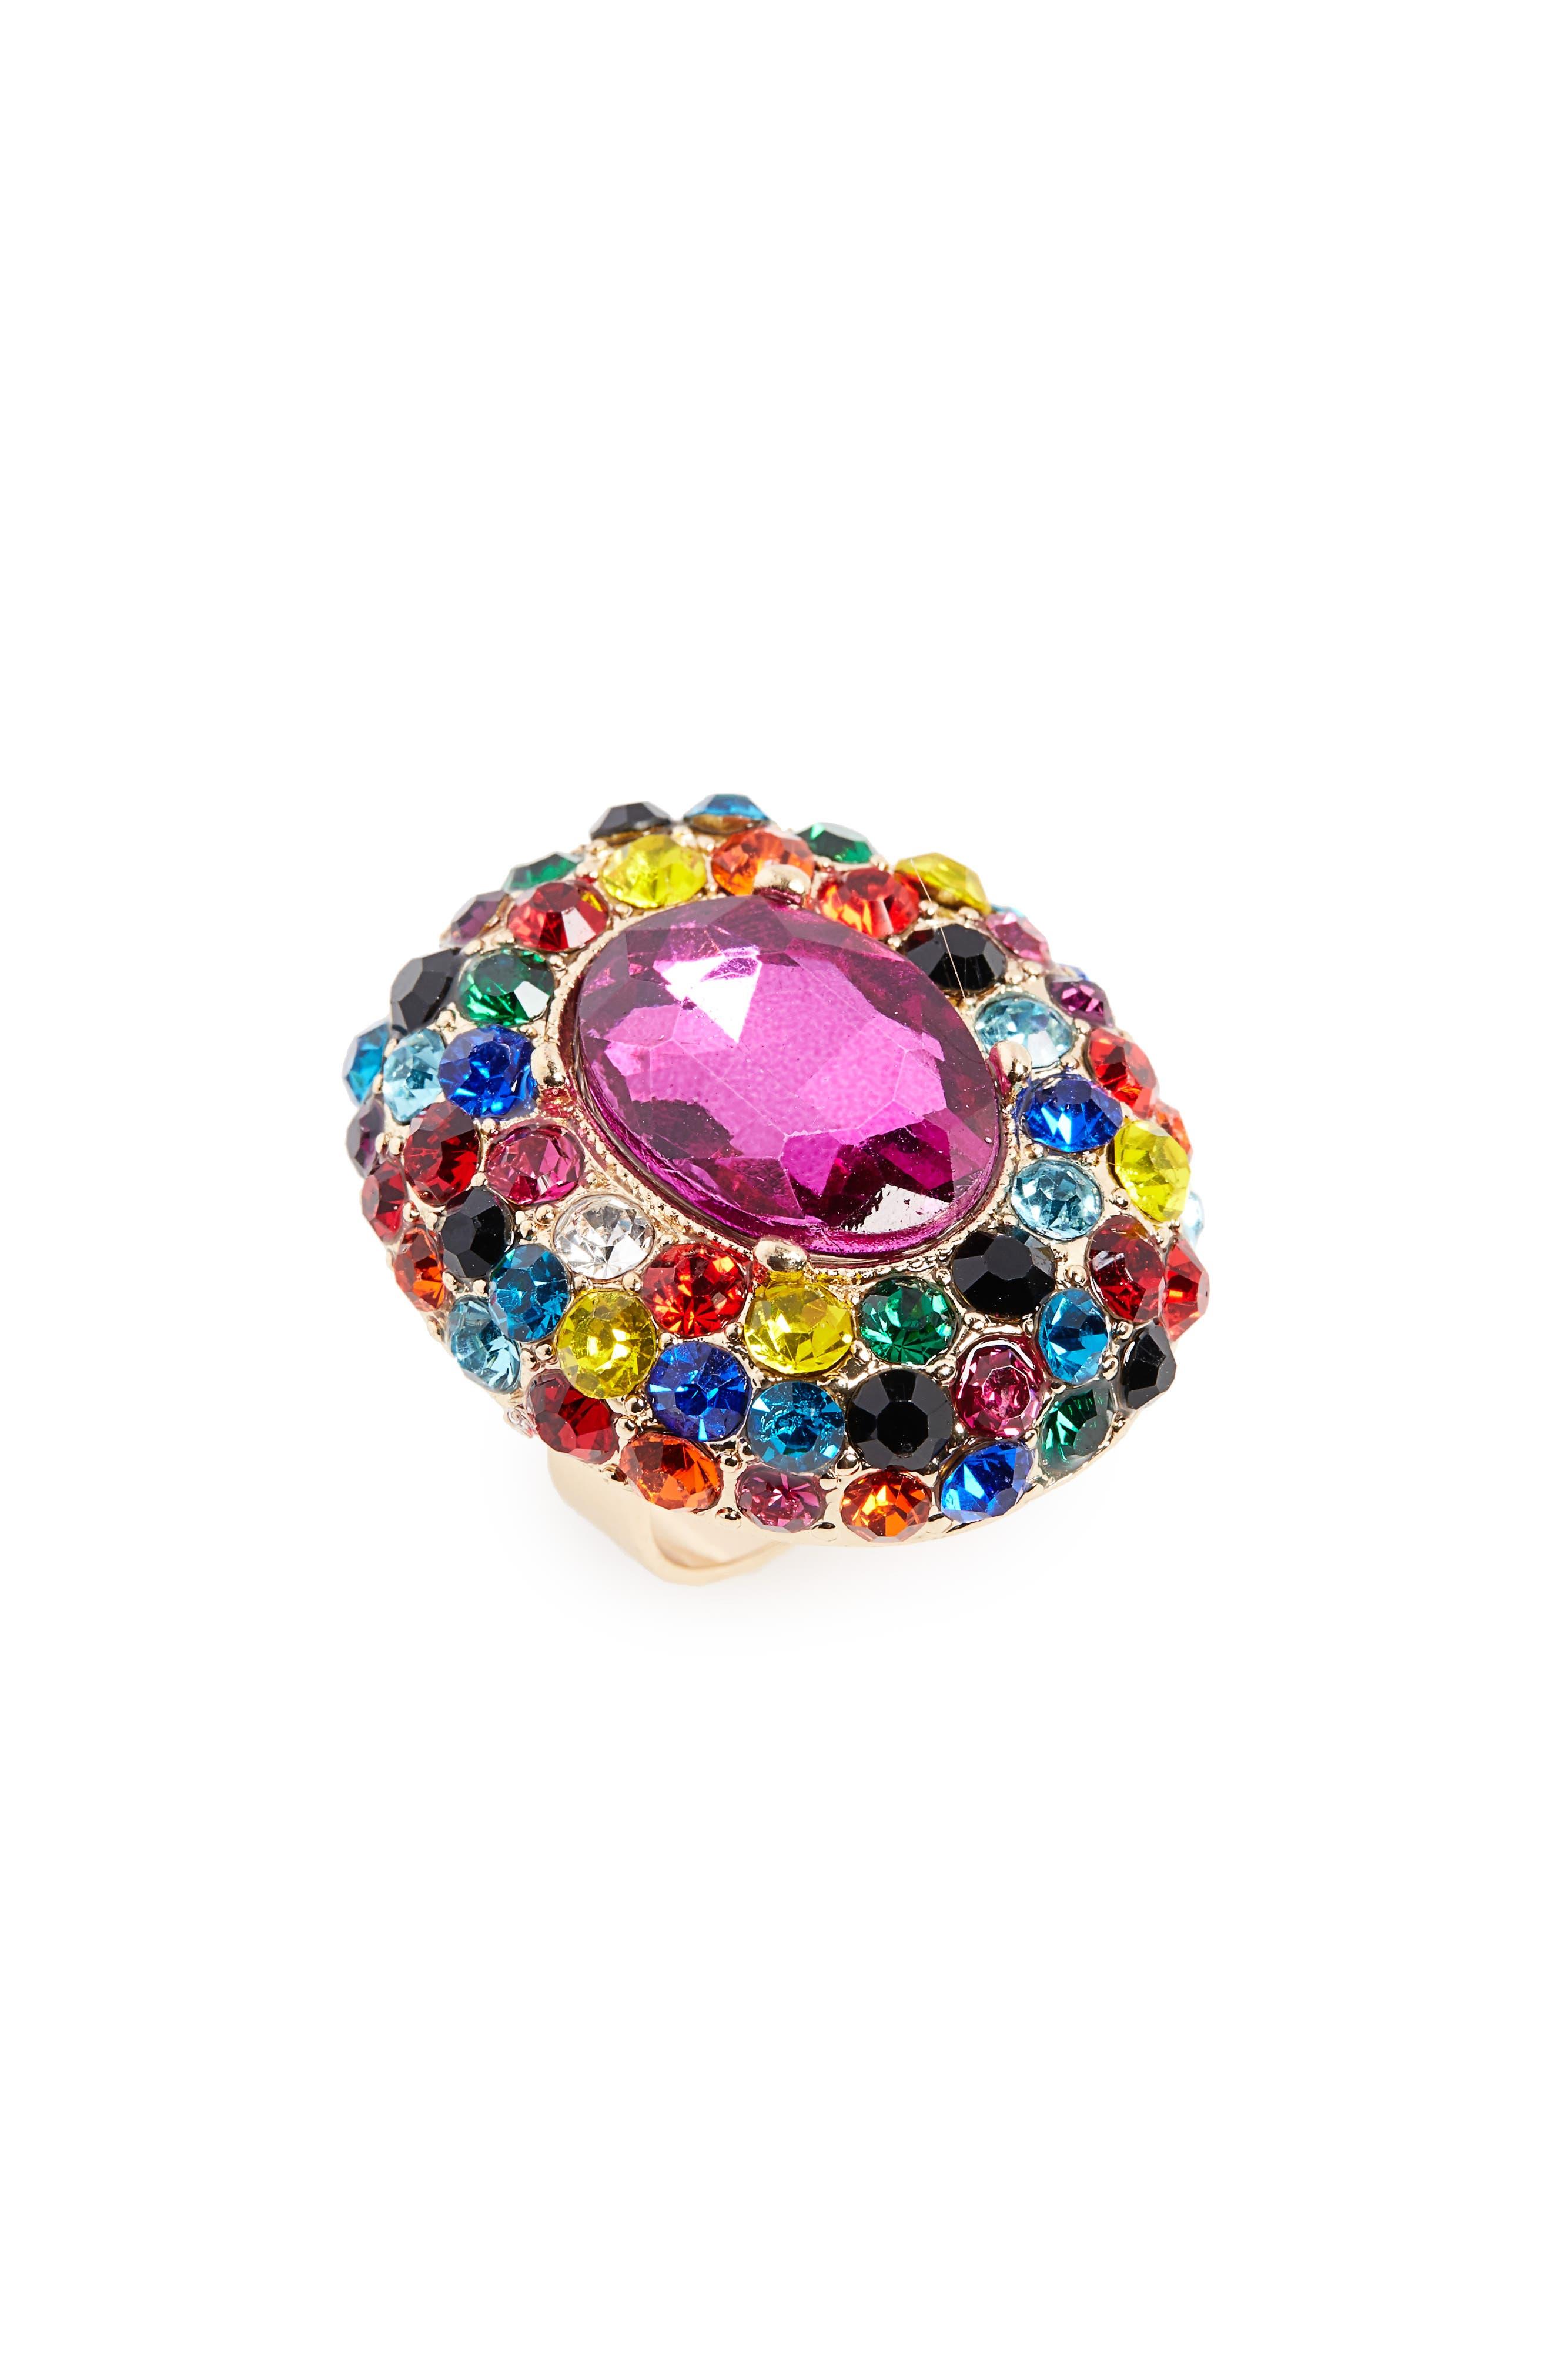 Natasha Crystal Adjustable Ring